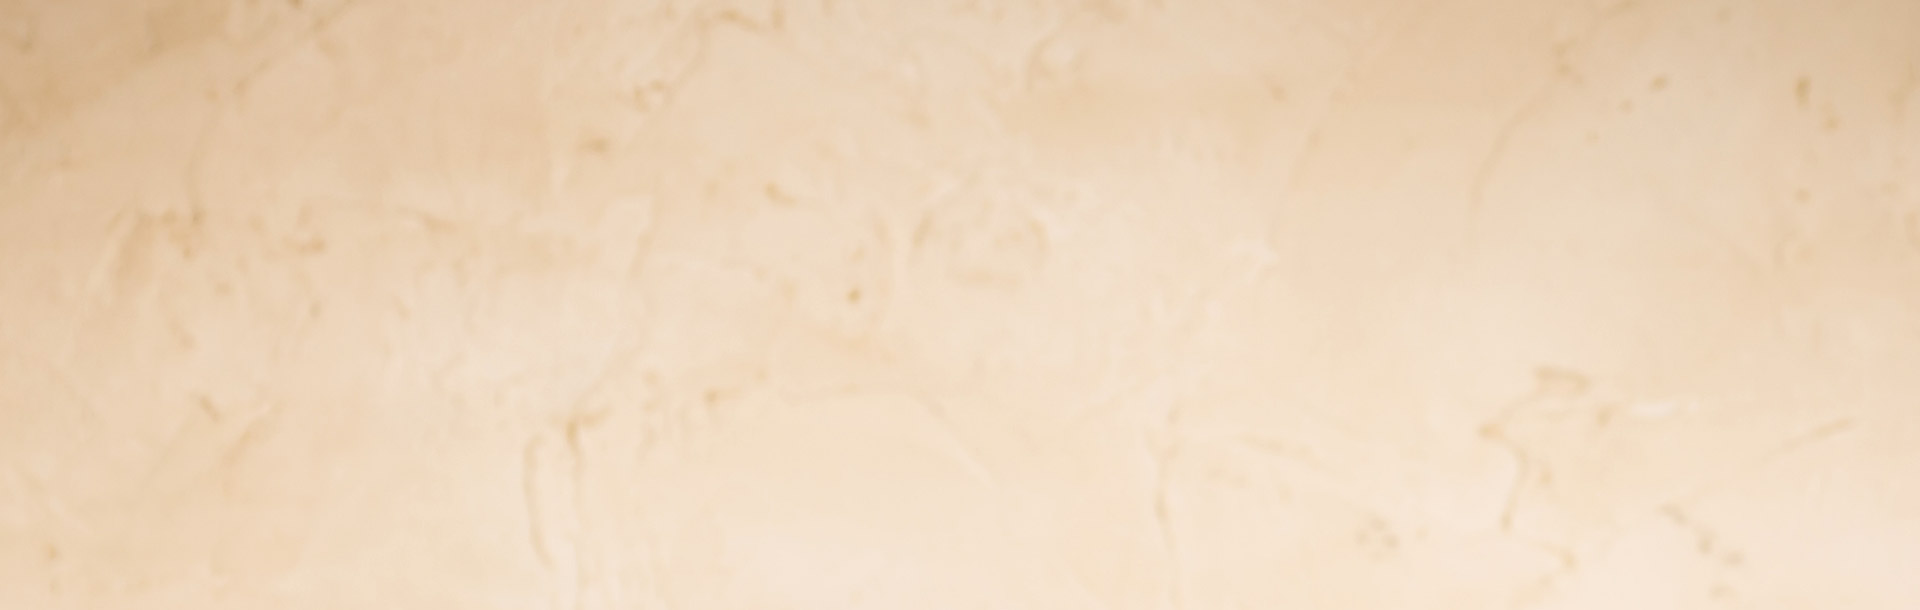 sfondo_muro